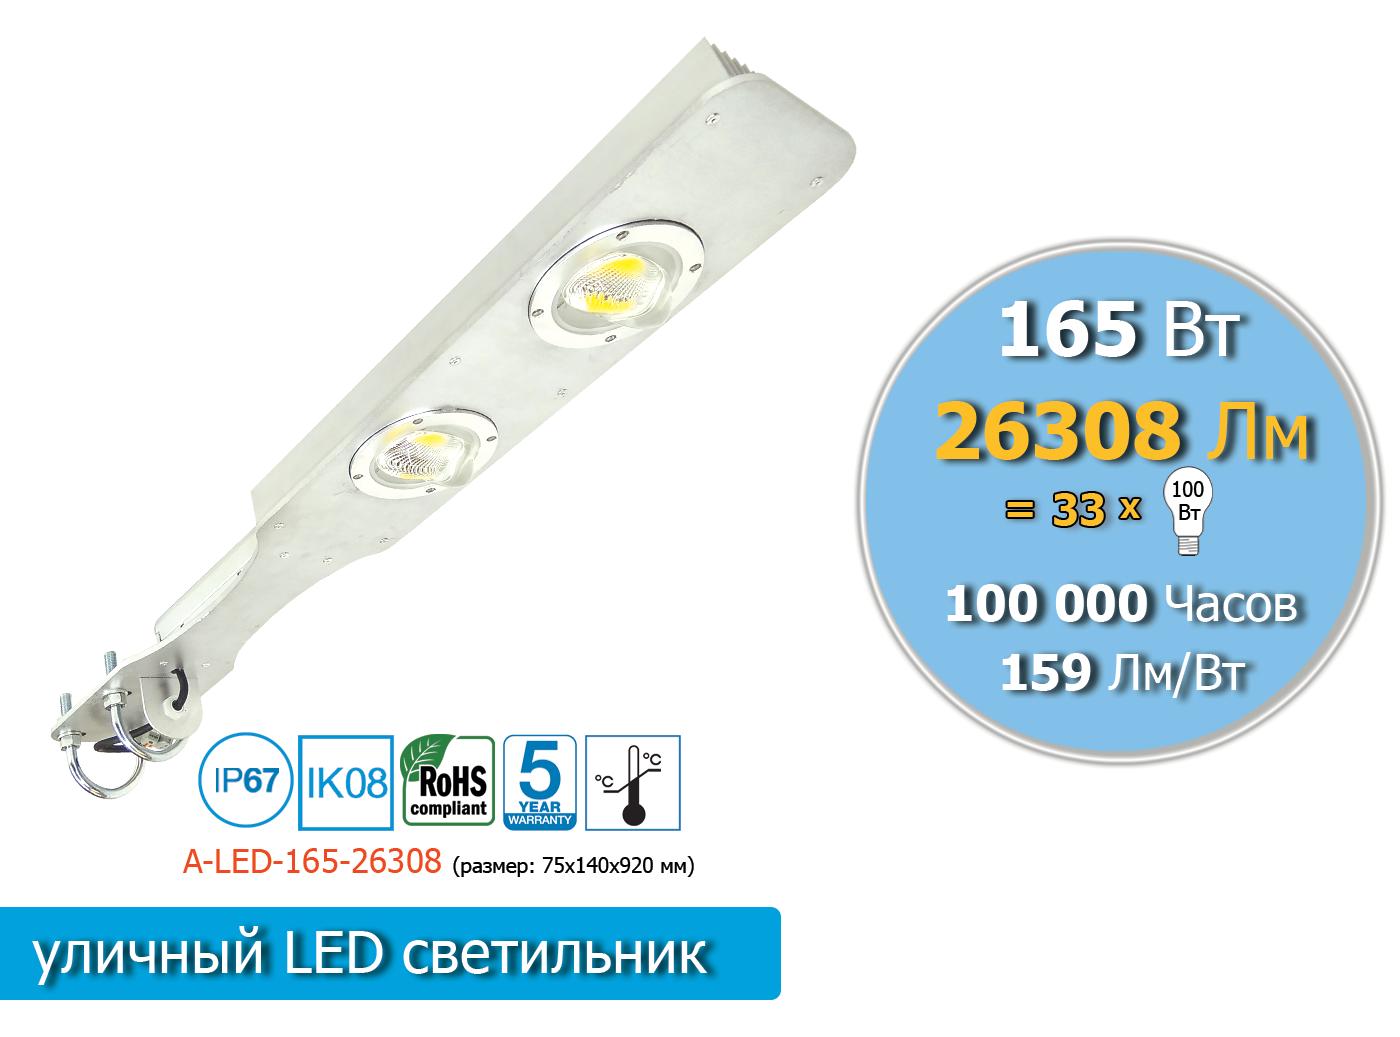 A-LED-165-26308-S